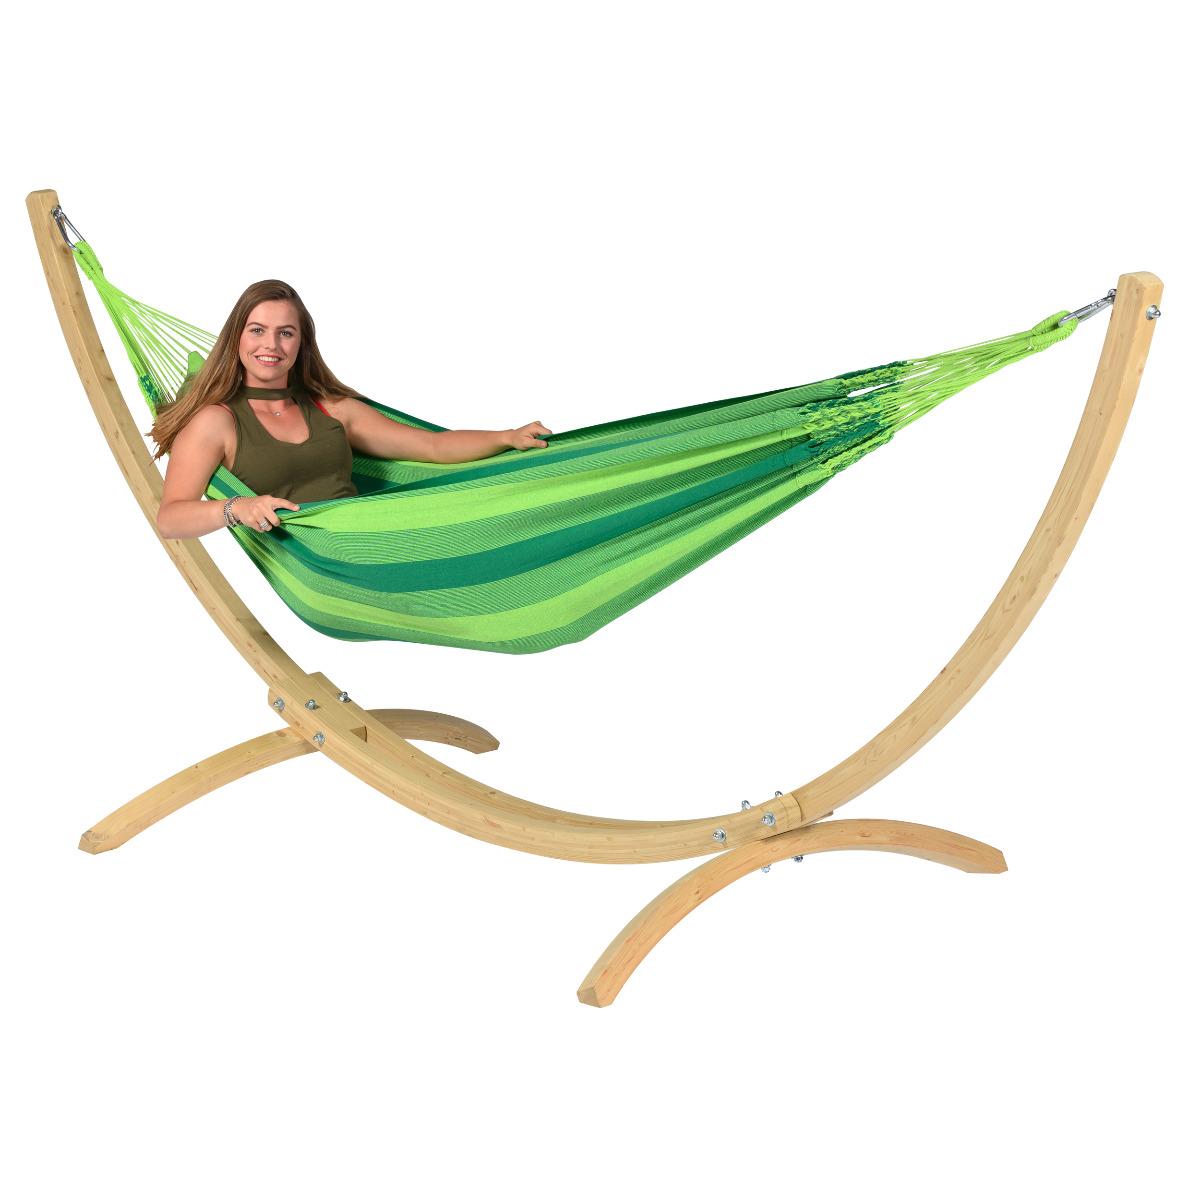 'Wood & Dream' Green E�npersoons Hangmatset - Groen - Tropilex �